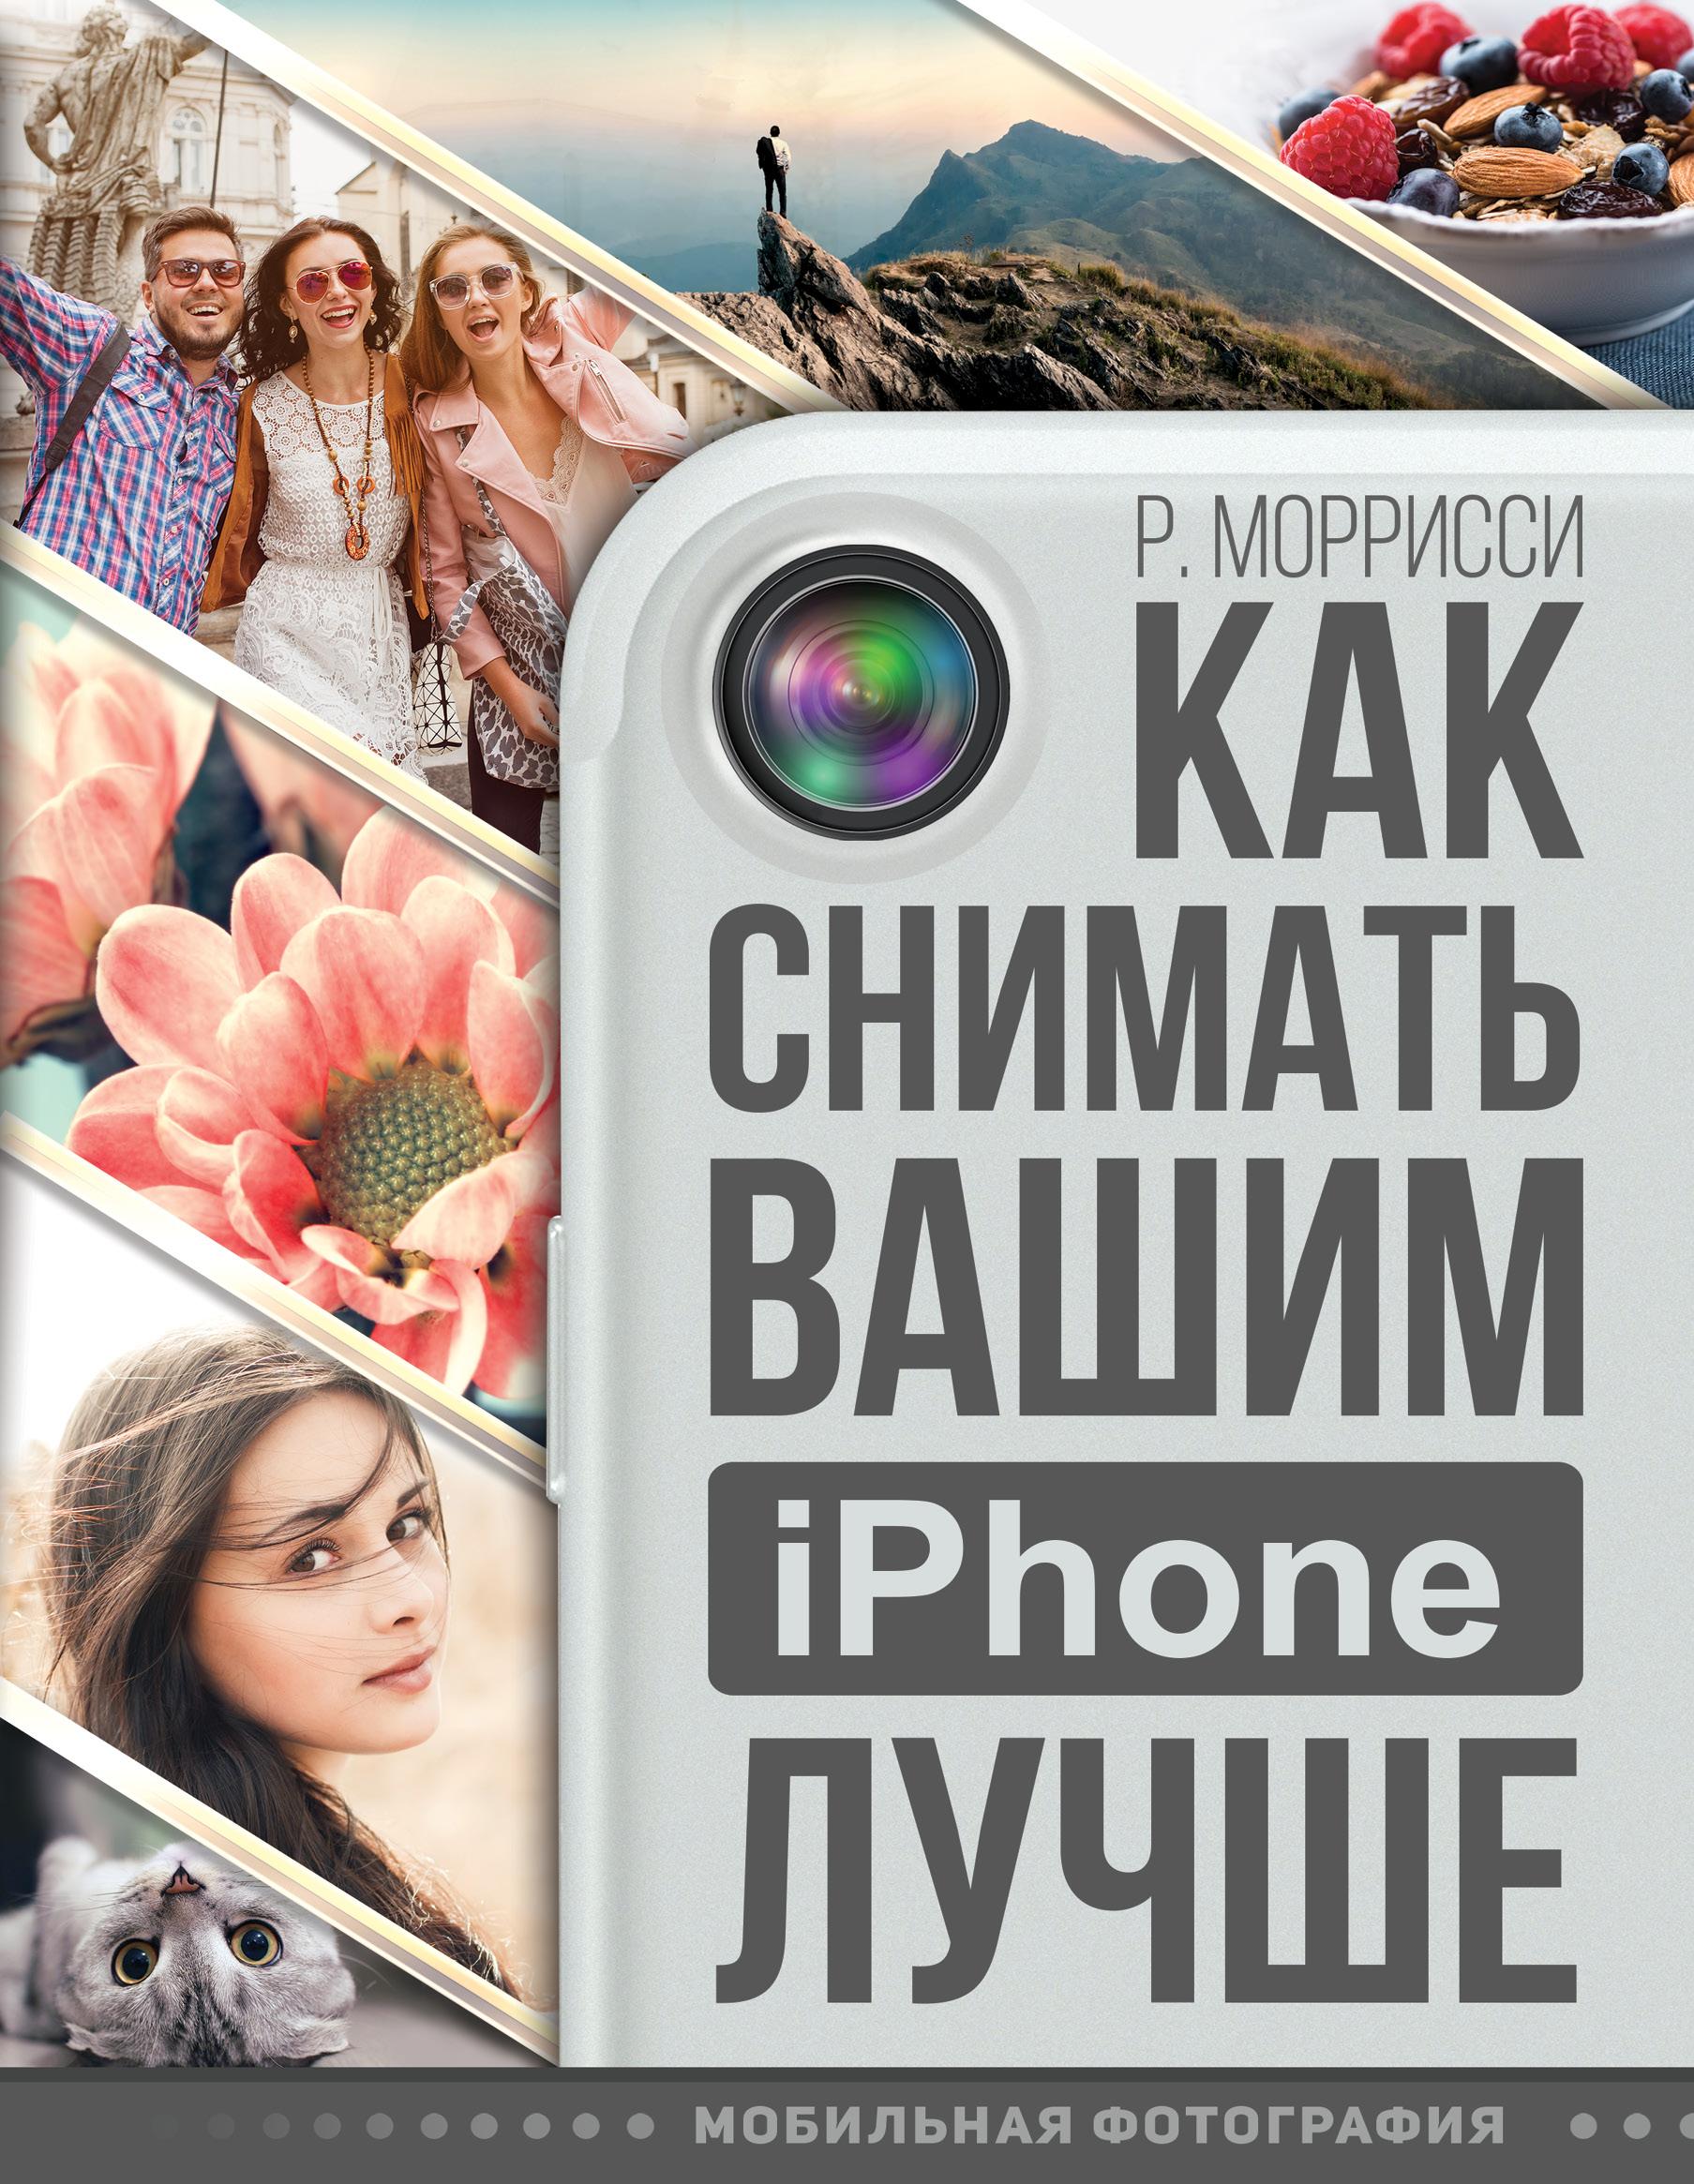 Роберт Моррисси Как снимать вашим iPhone лучше какие лучше кисточки для пейзажей гуашью